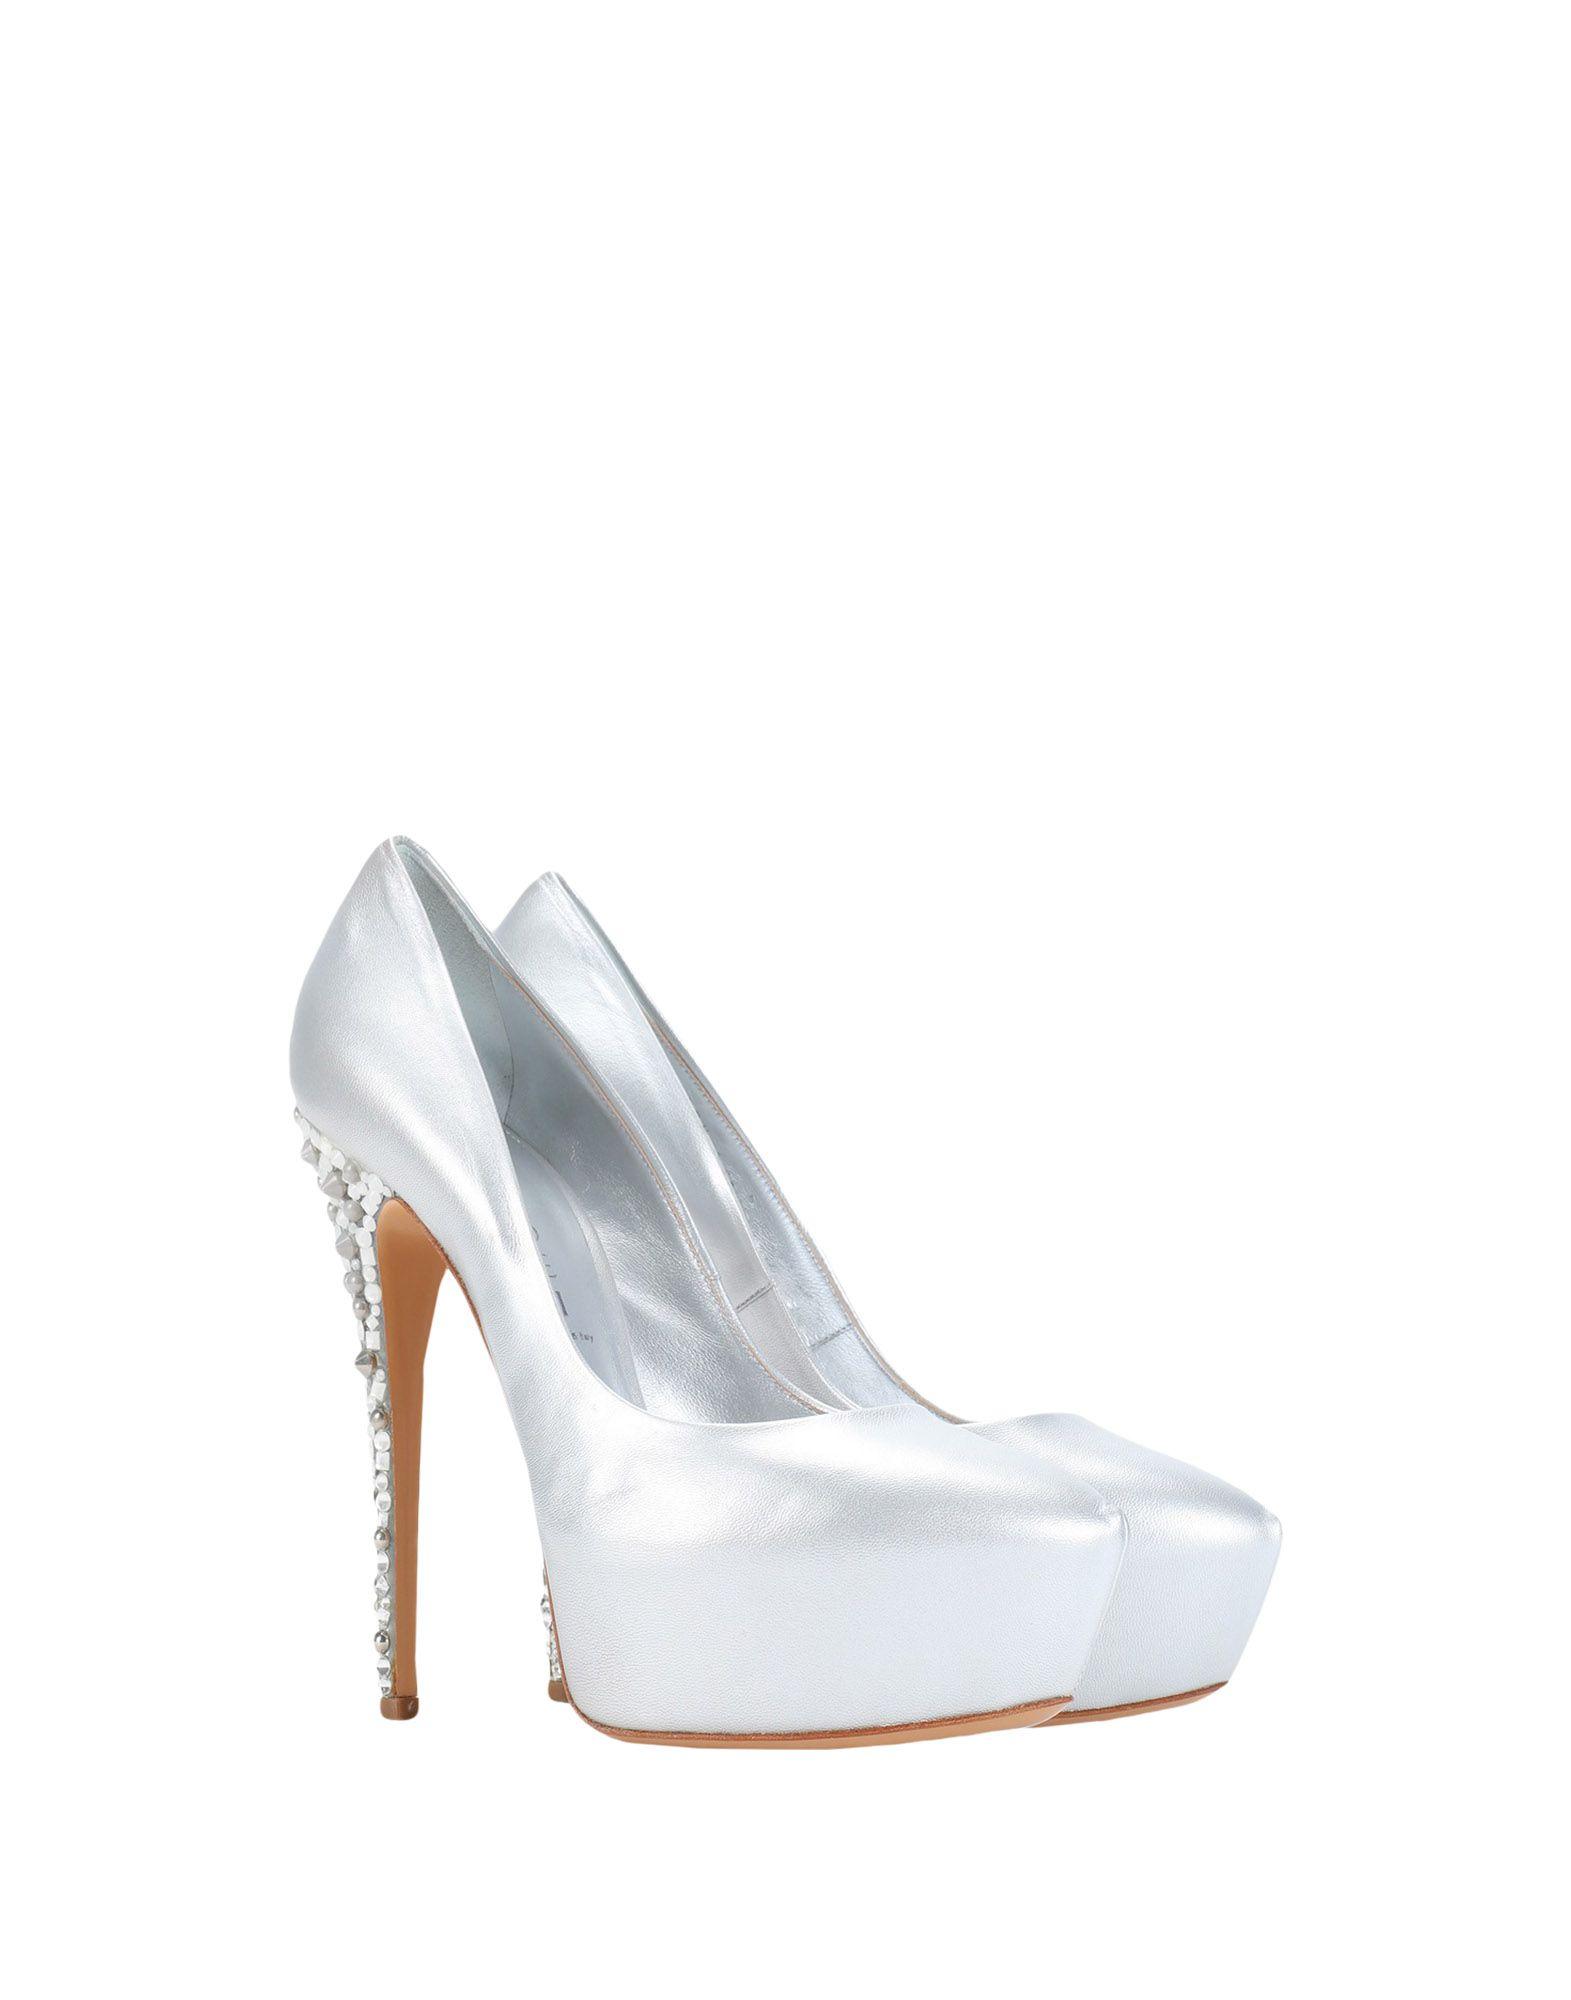 Casadei Pumps aussehende Damen  11515653FXGünstige gut aussehende Pumps Schuhe fa1dd9